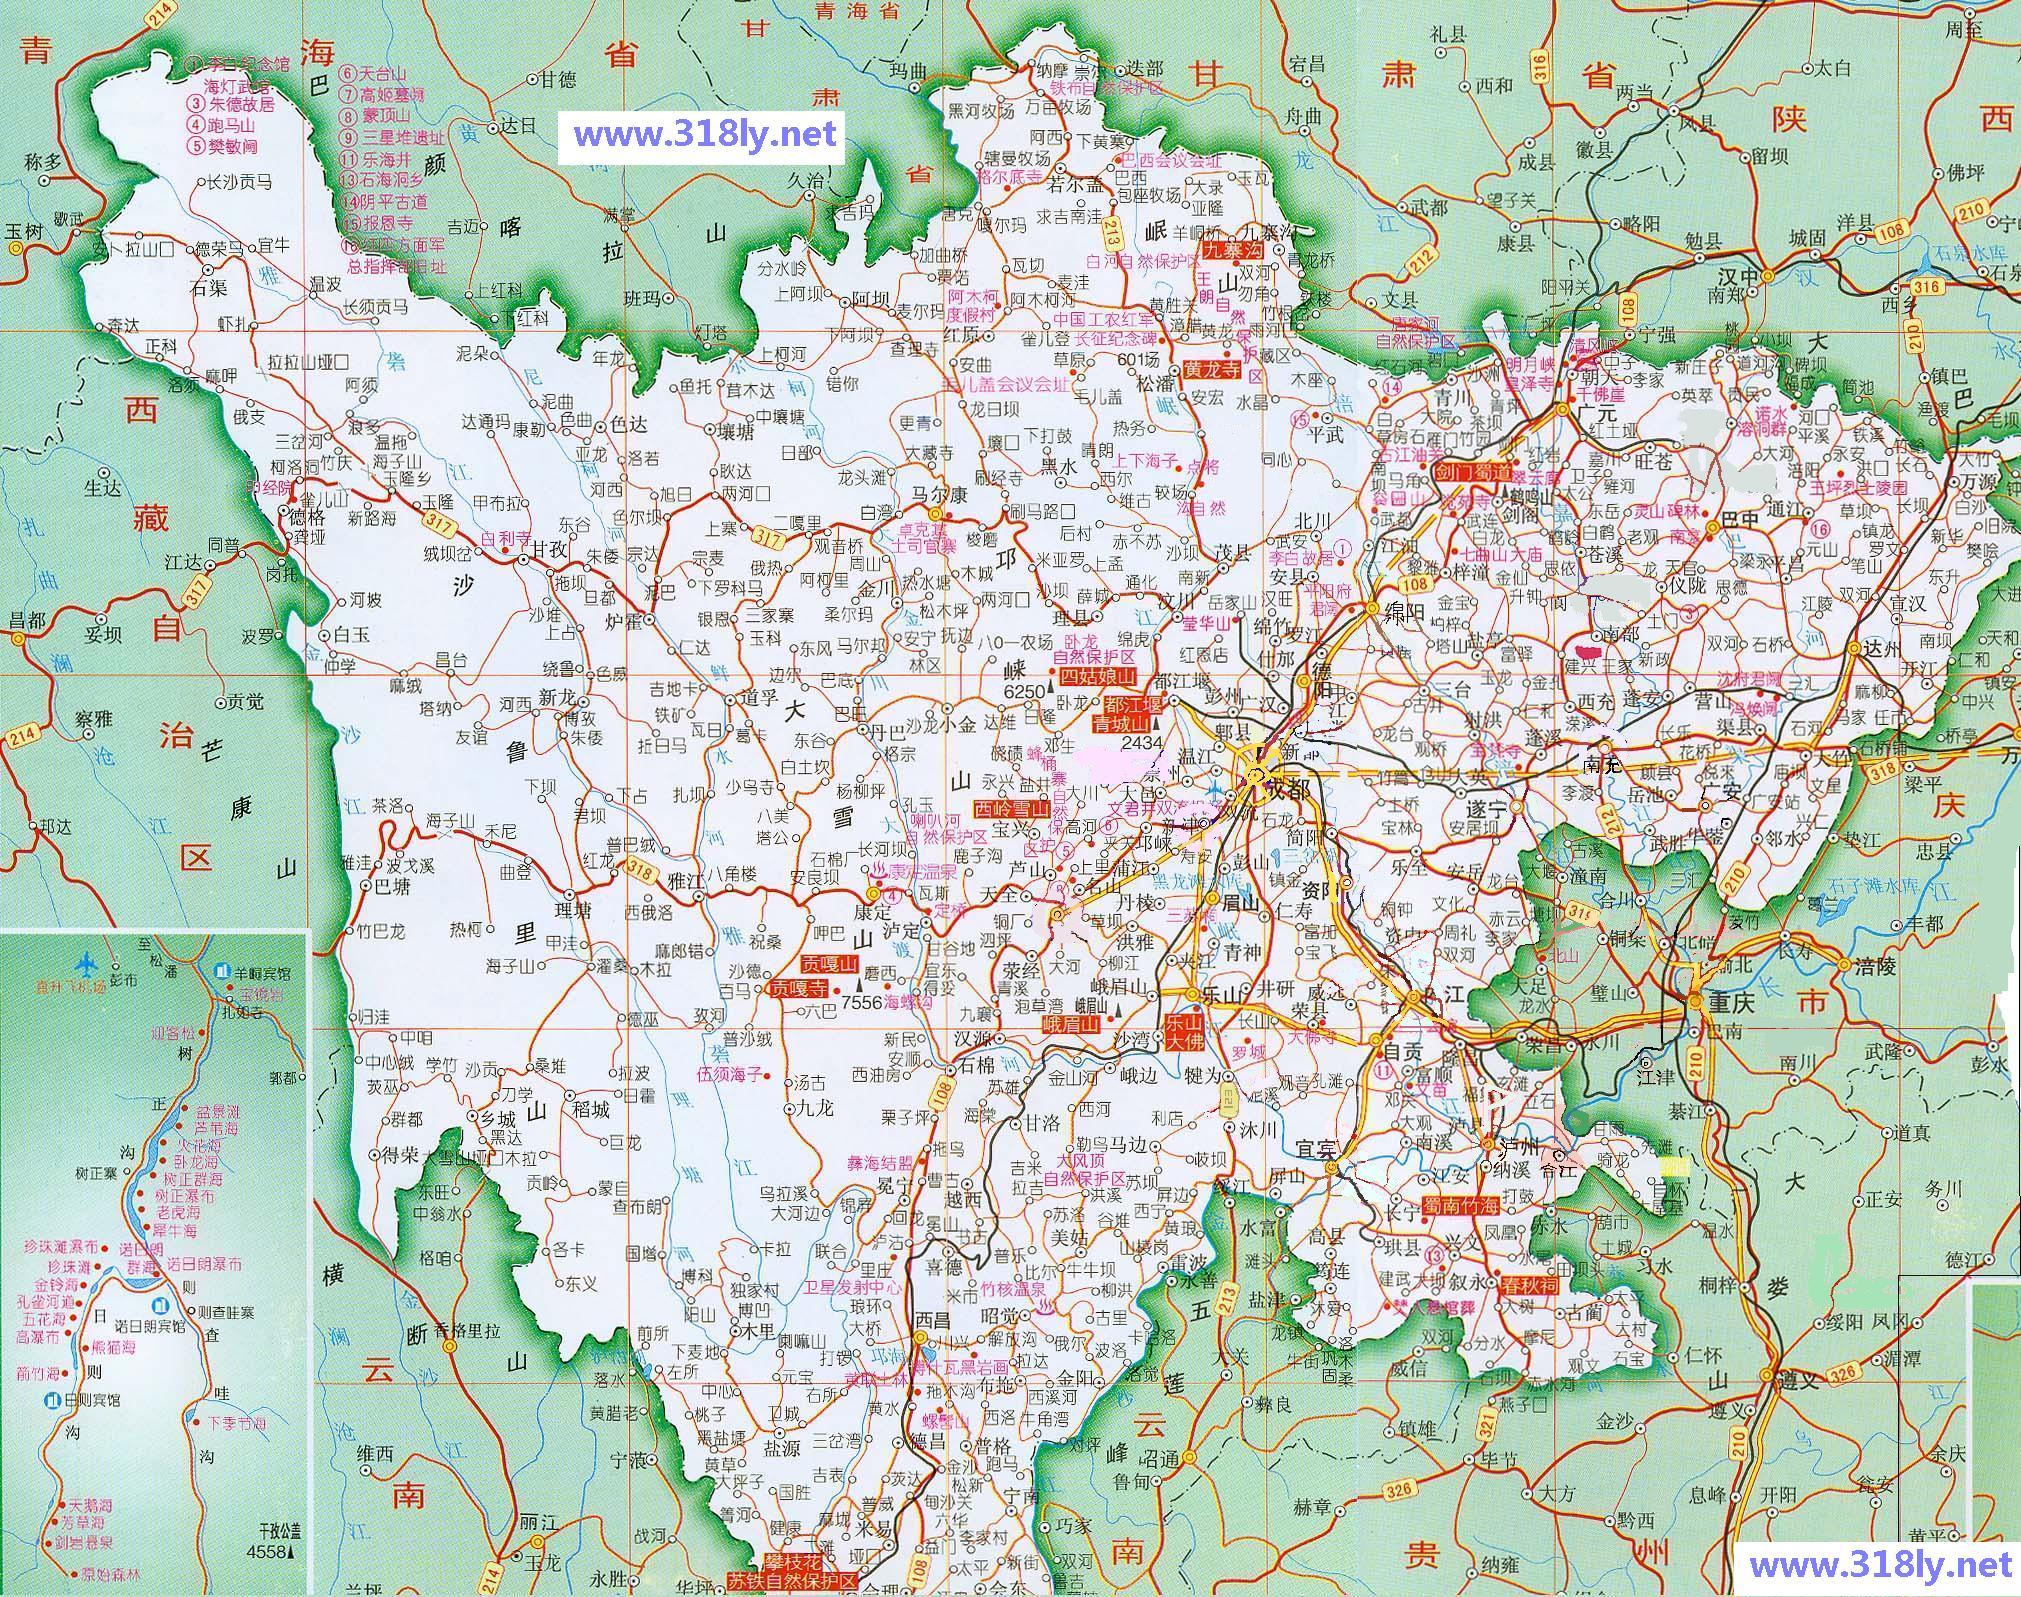 宁波市雅戈尔动物园景内地图